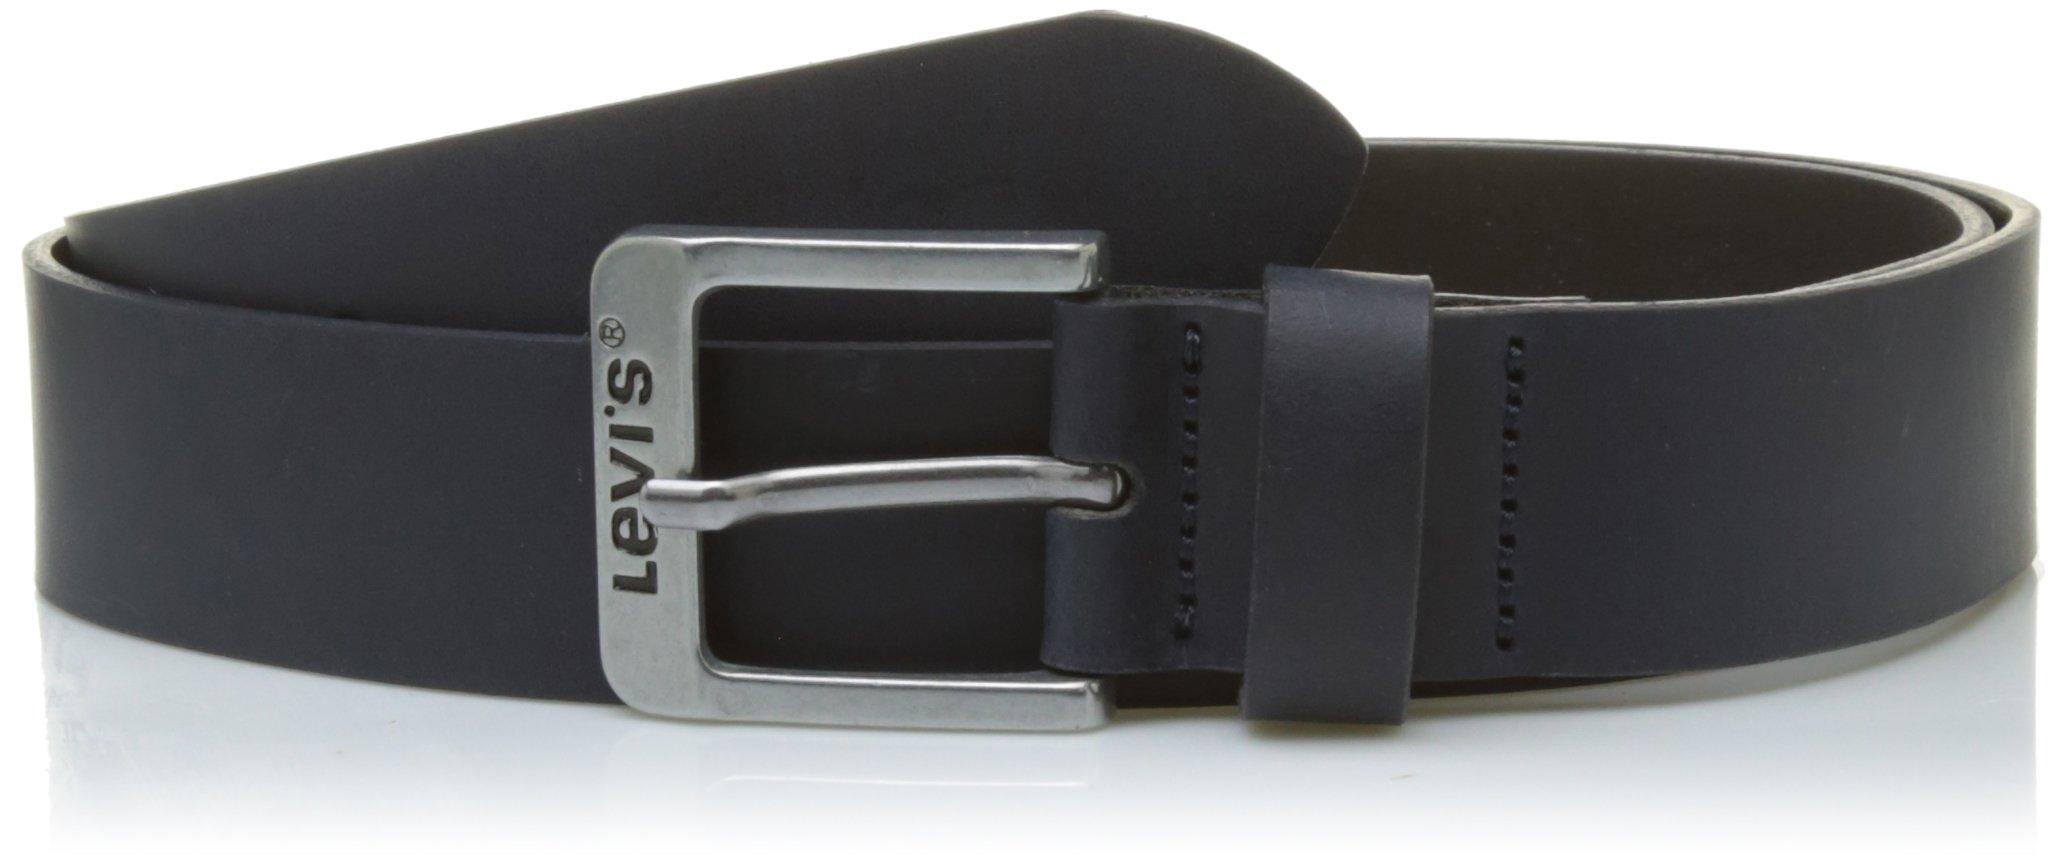 Levi's 5117 Cinturón para Hombre